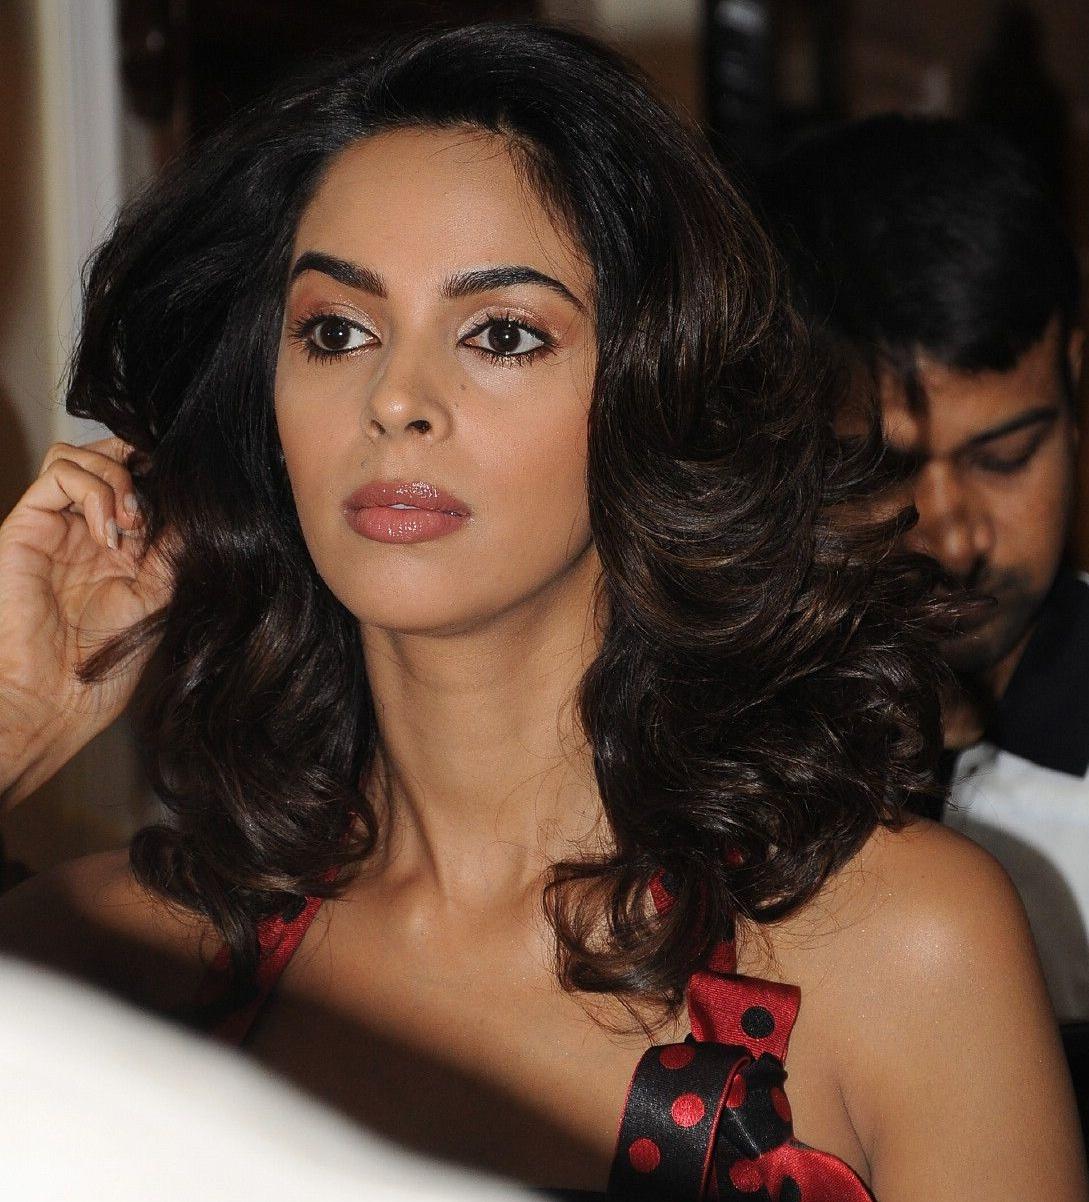 Porn Star Actress Hot Photos For You Bollywood Actress -6738